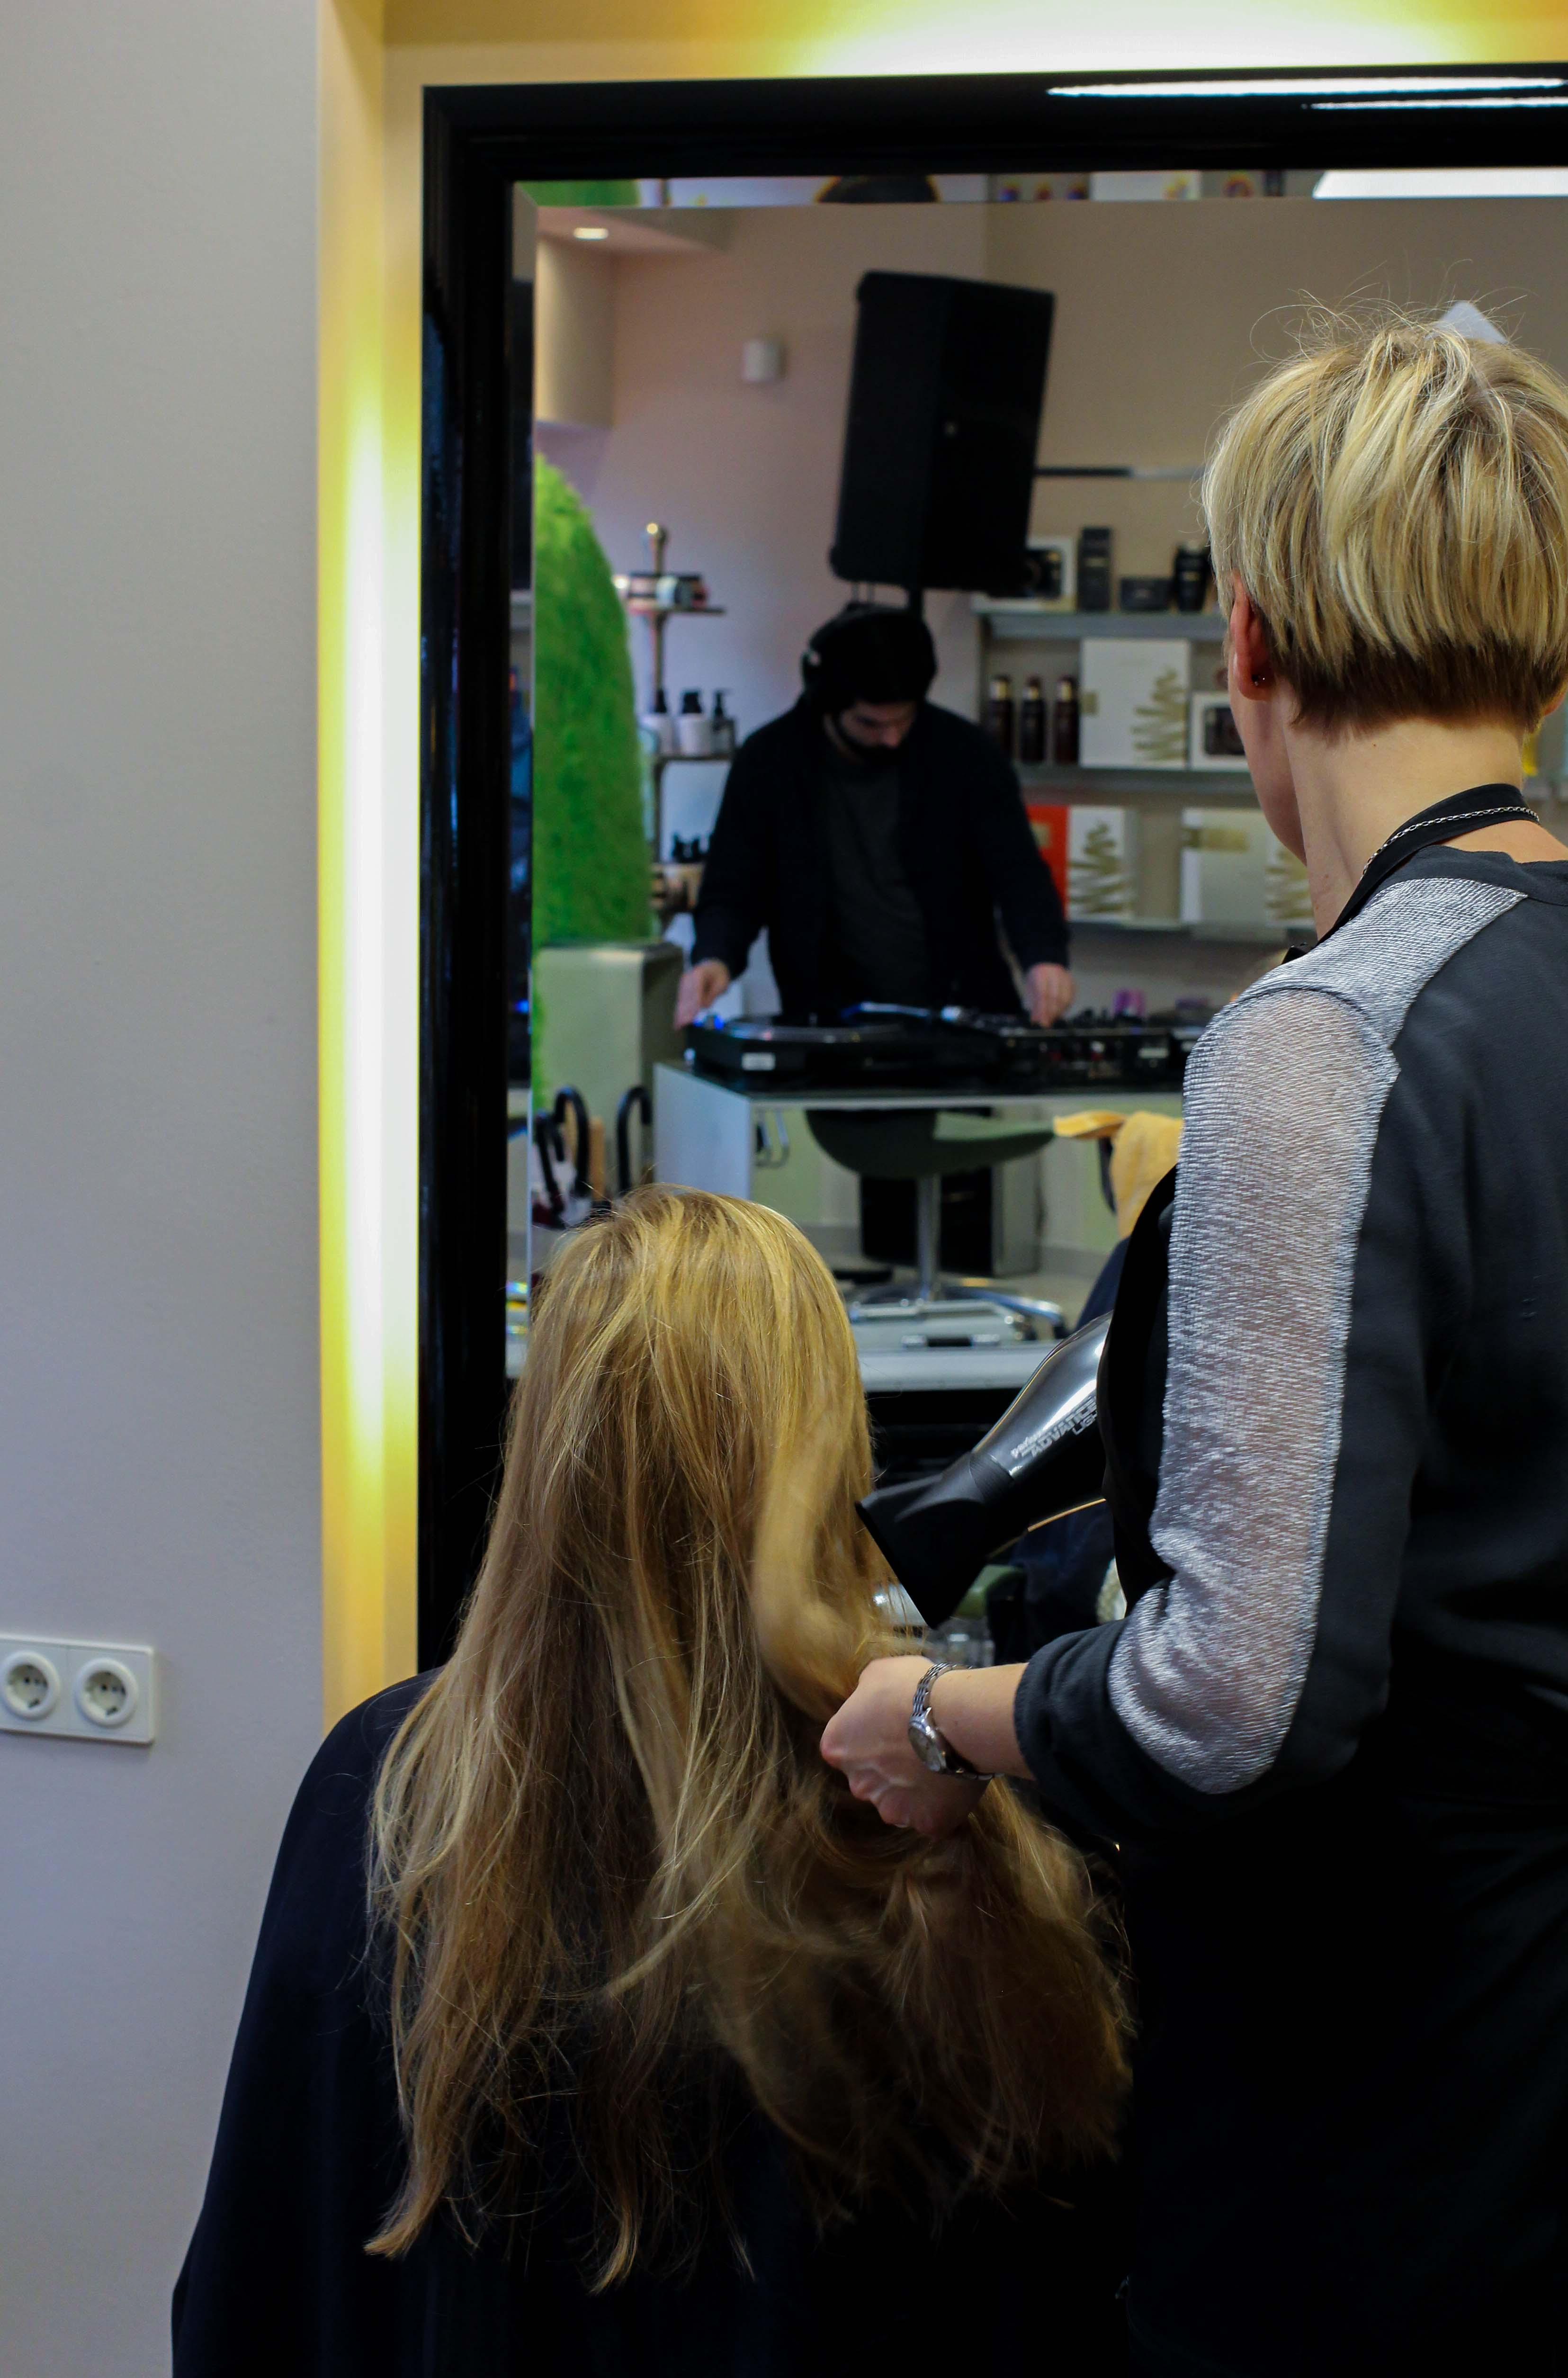 Pretty Beatz-Event Köln Modeblog Latebird Brow Waxing Augenbrauen färben Hair Styling föhnen Hauptsache W3